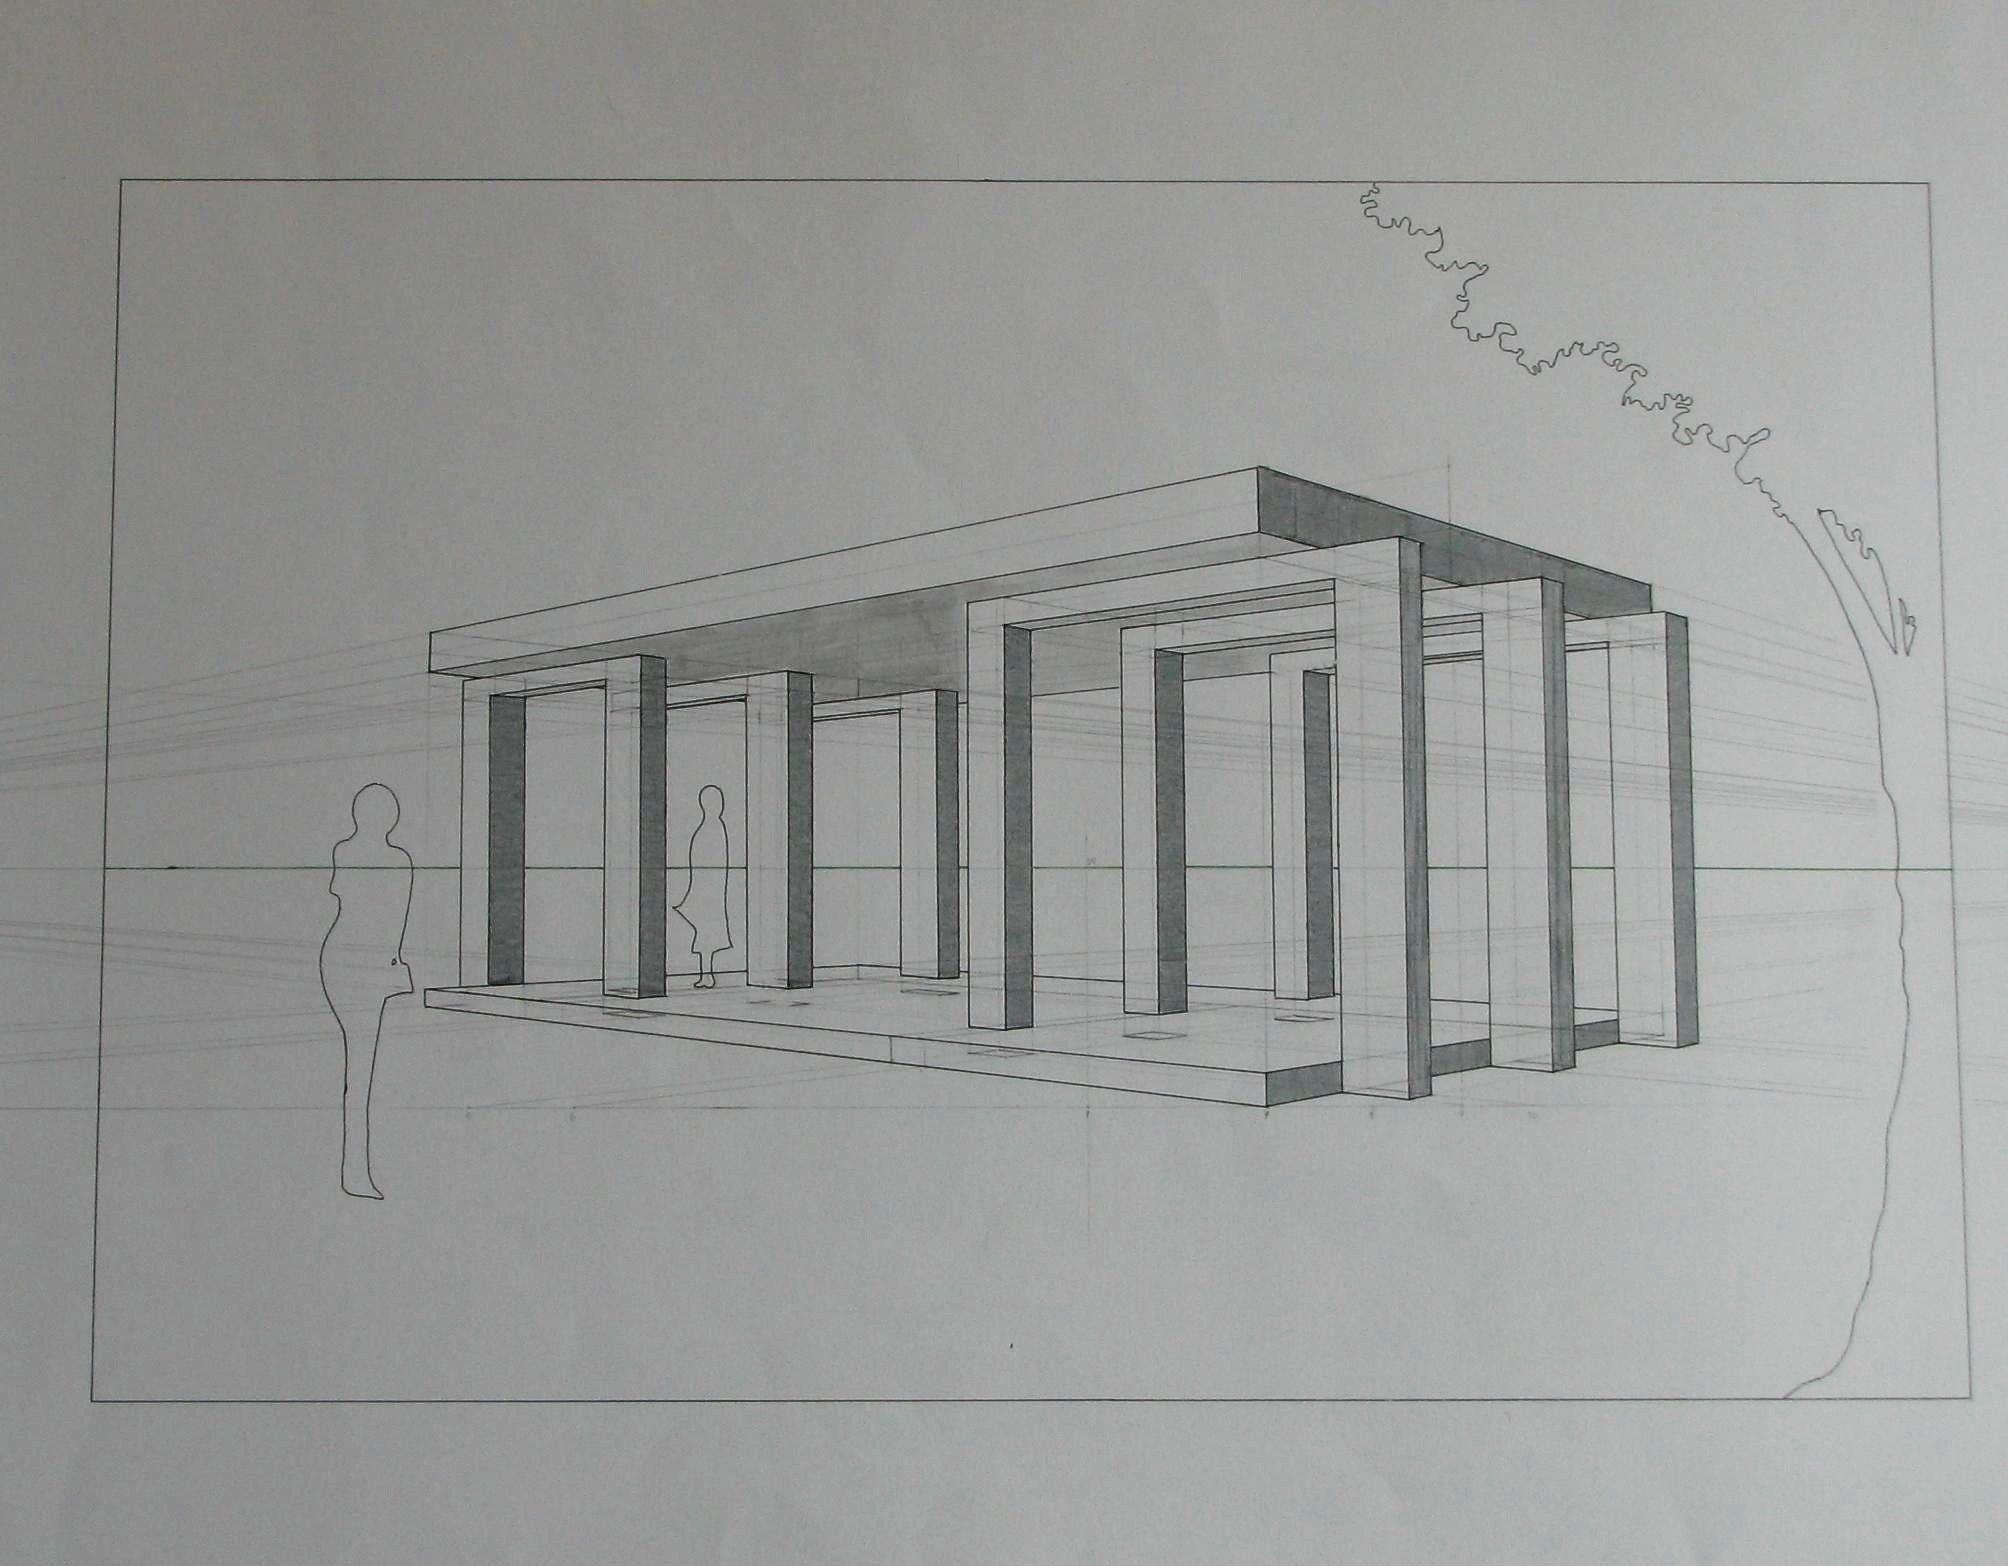 Camera Da Letto In Prospettiva Centrale esercizio di prospettiva accidentale (con immagini) | arte